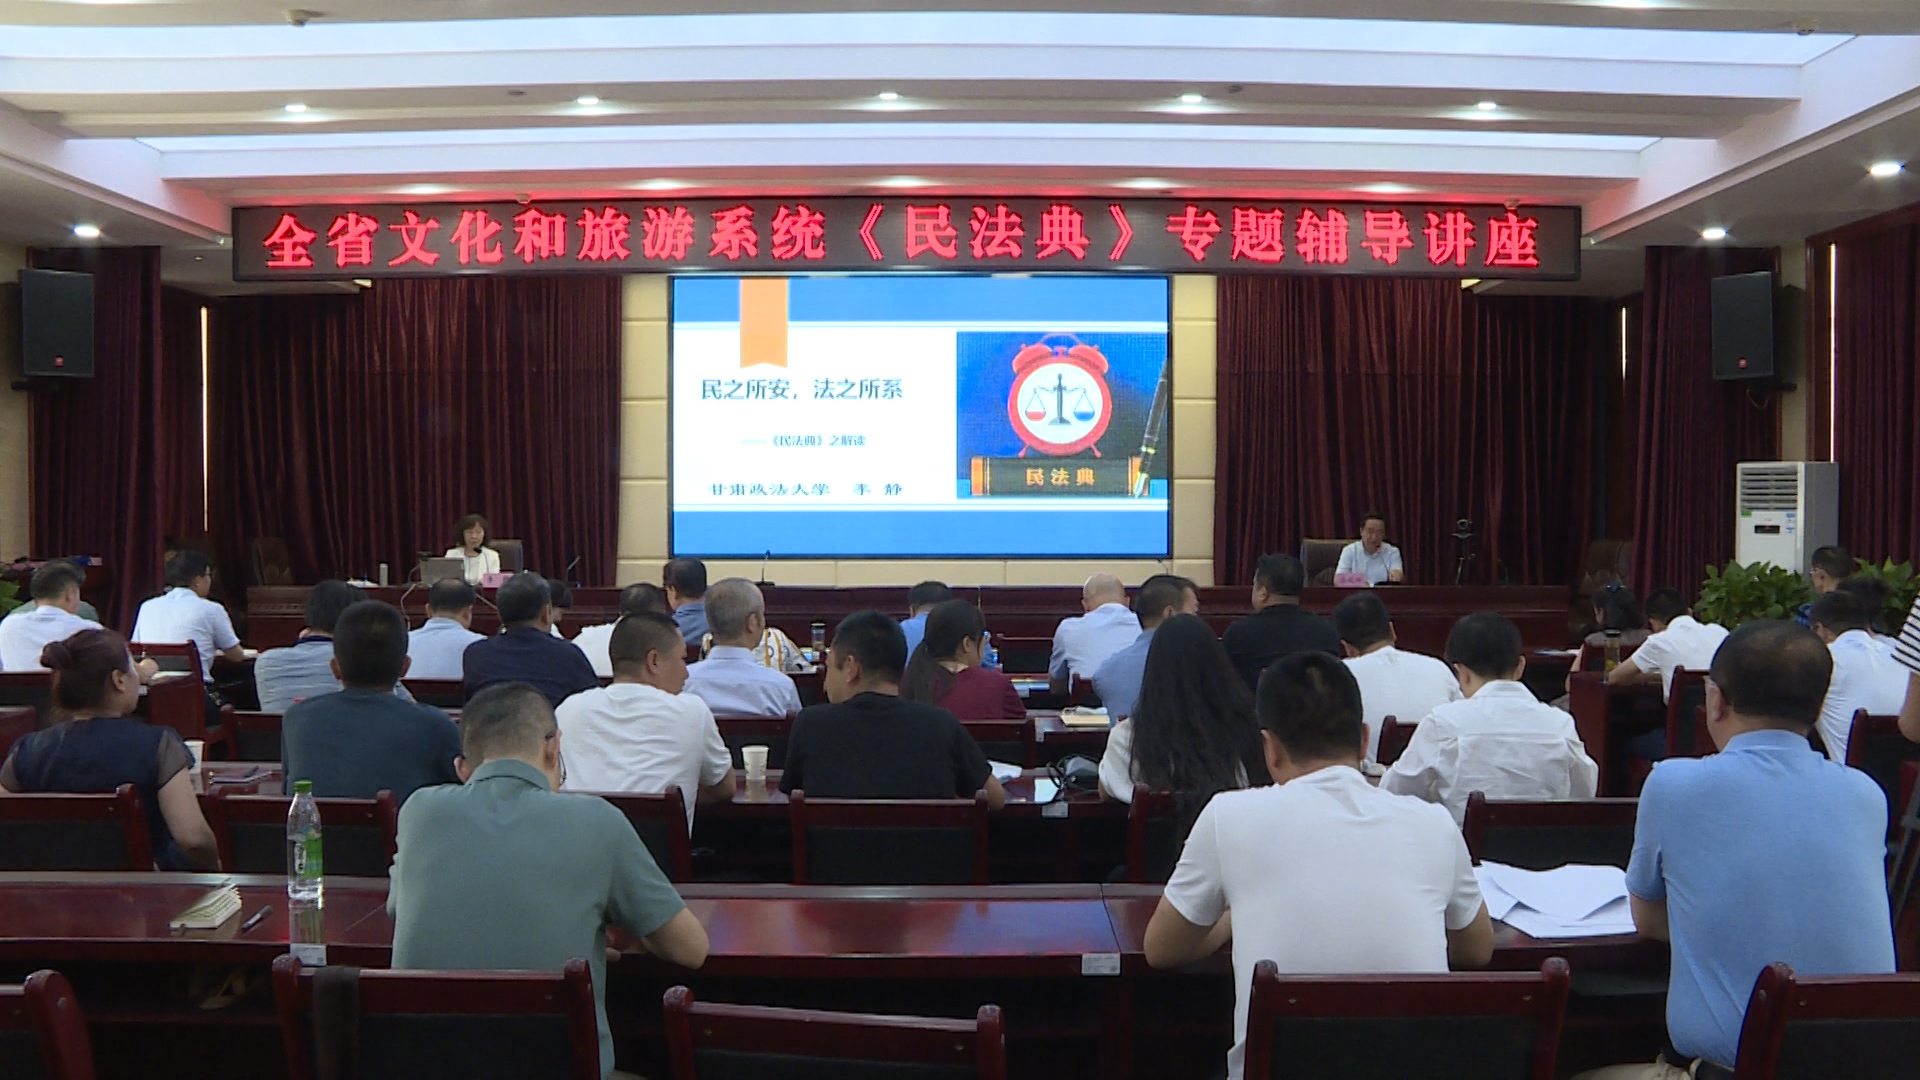 甘肃省文旅厅举办全省文旅系统《民法典》专题法治讲座